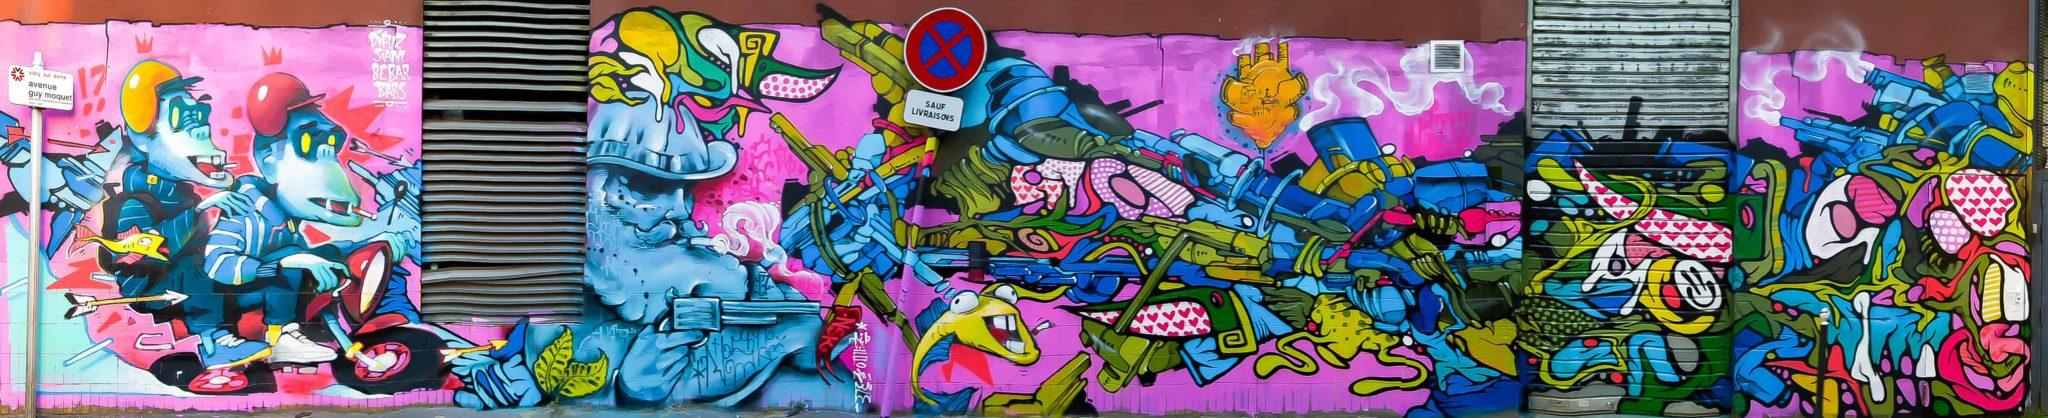 BEBAR GRAFFITI PARIS STREET ART